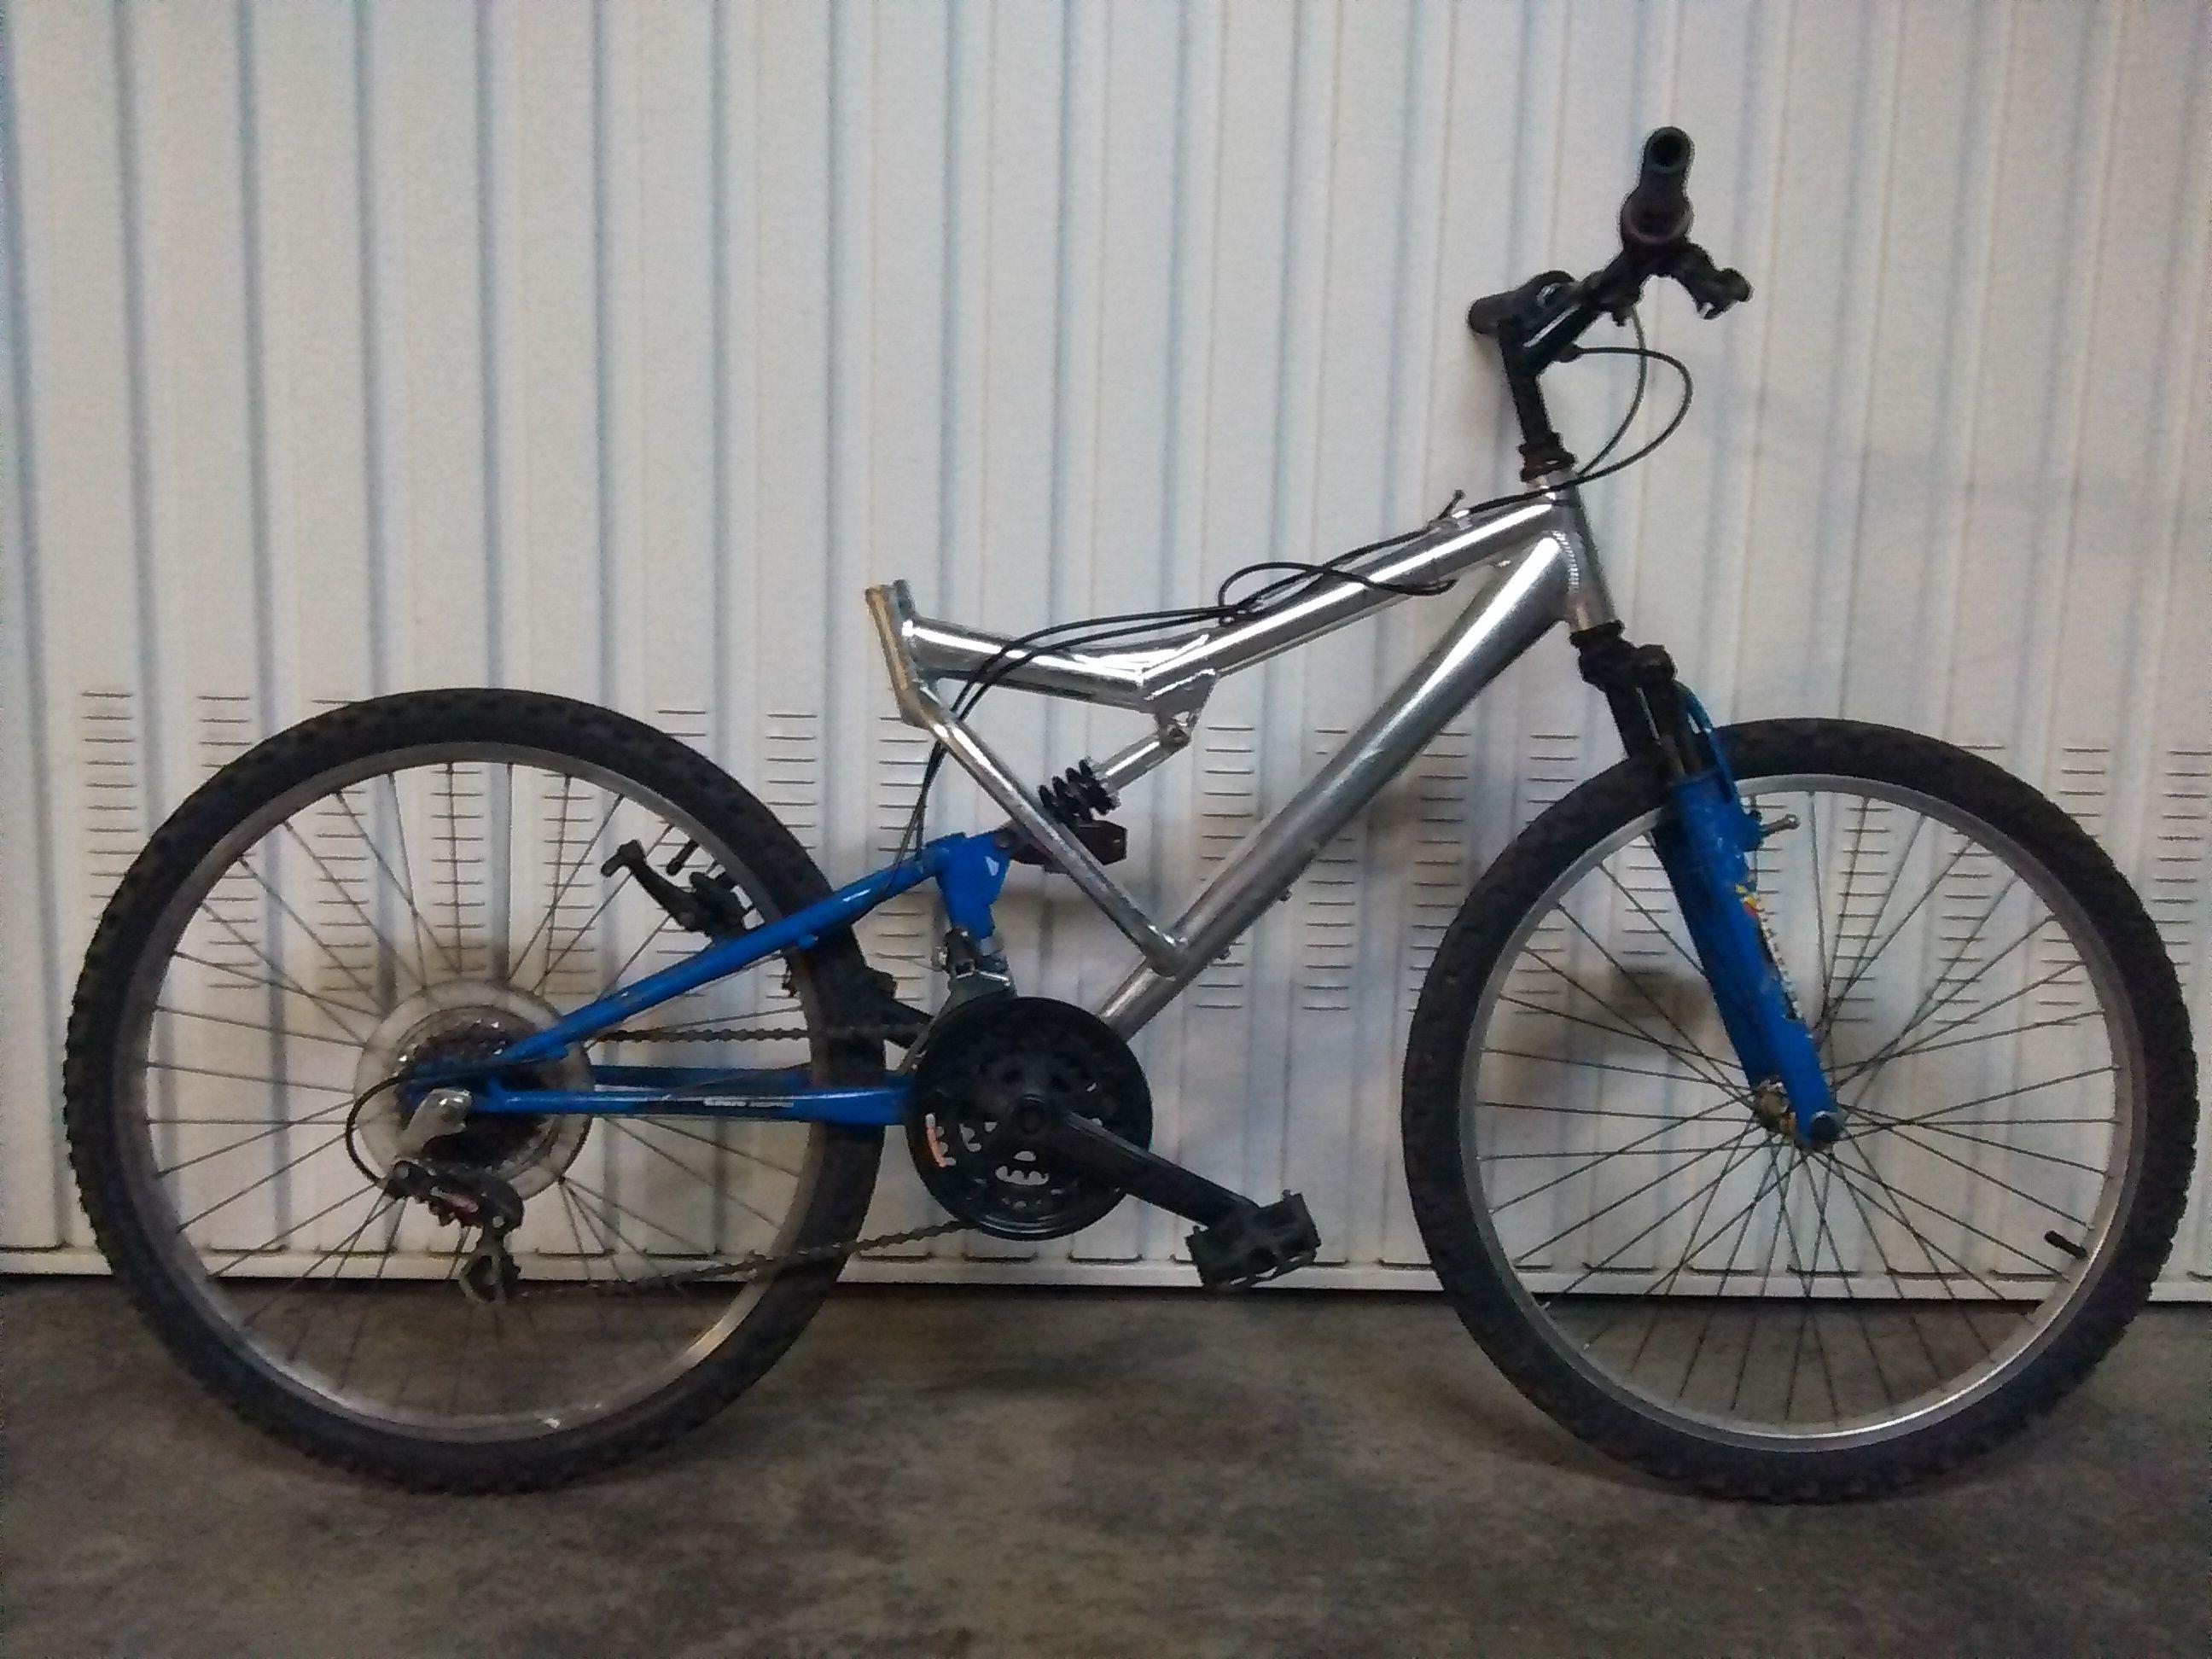 Bici Juvenil de Aluminio para Reparar 60€ Vendo bicicleta de montaña ...